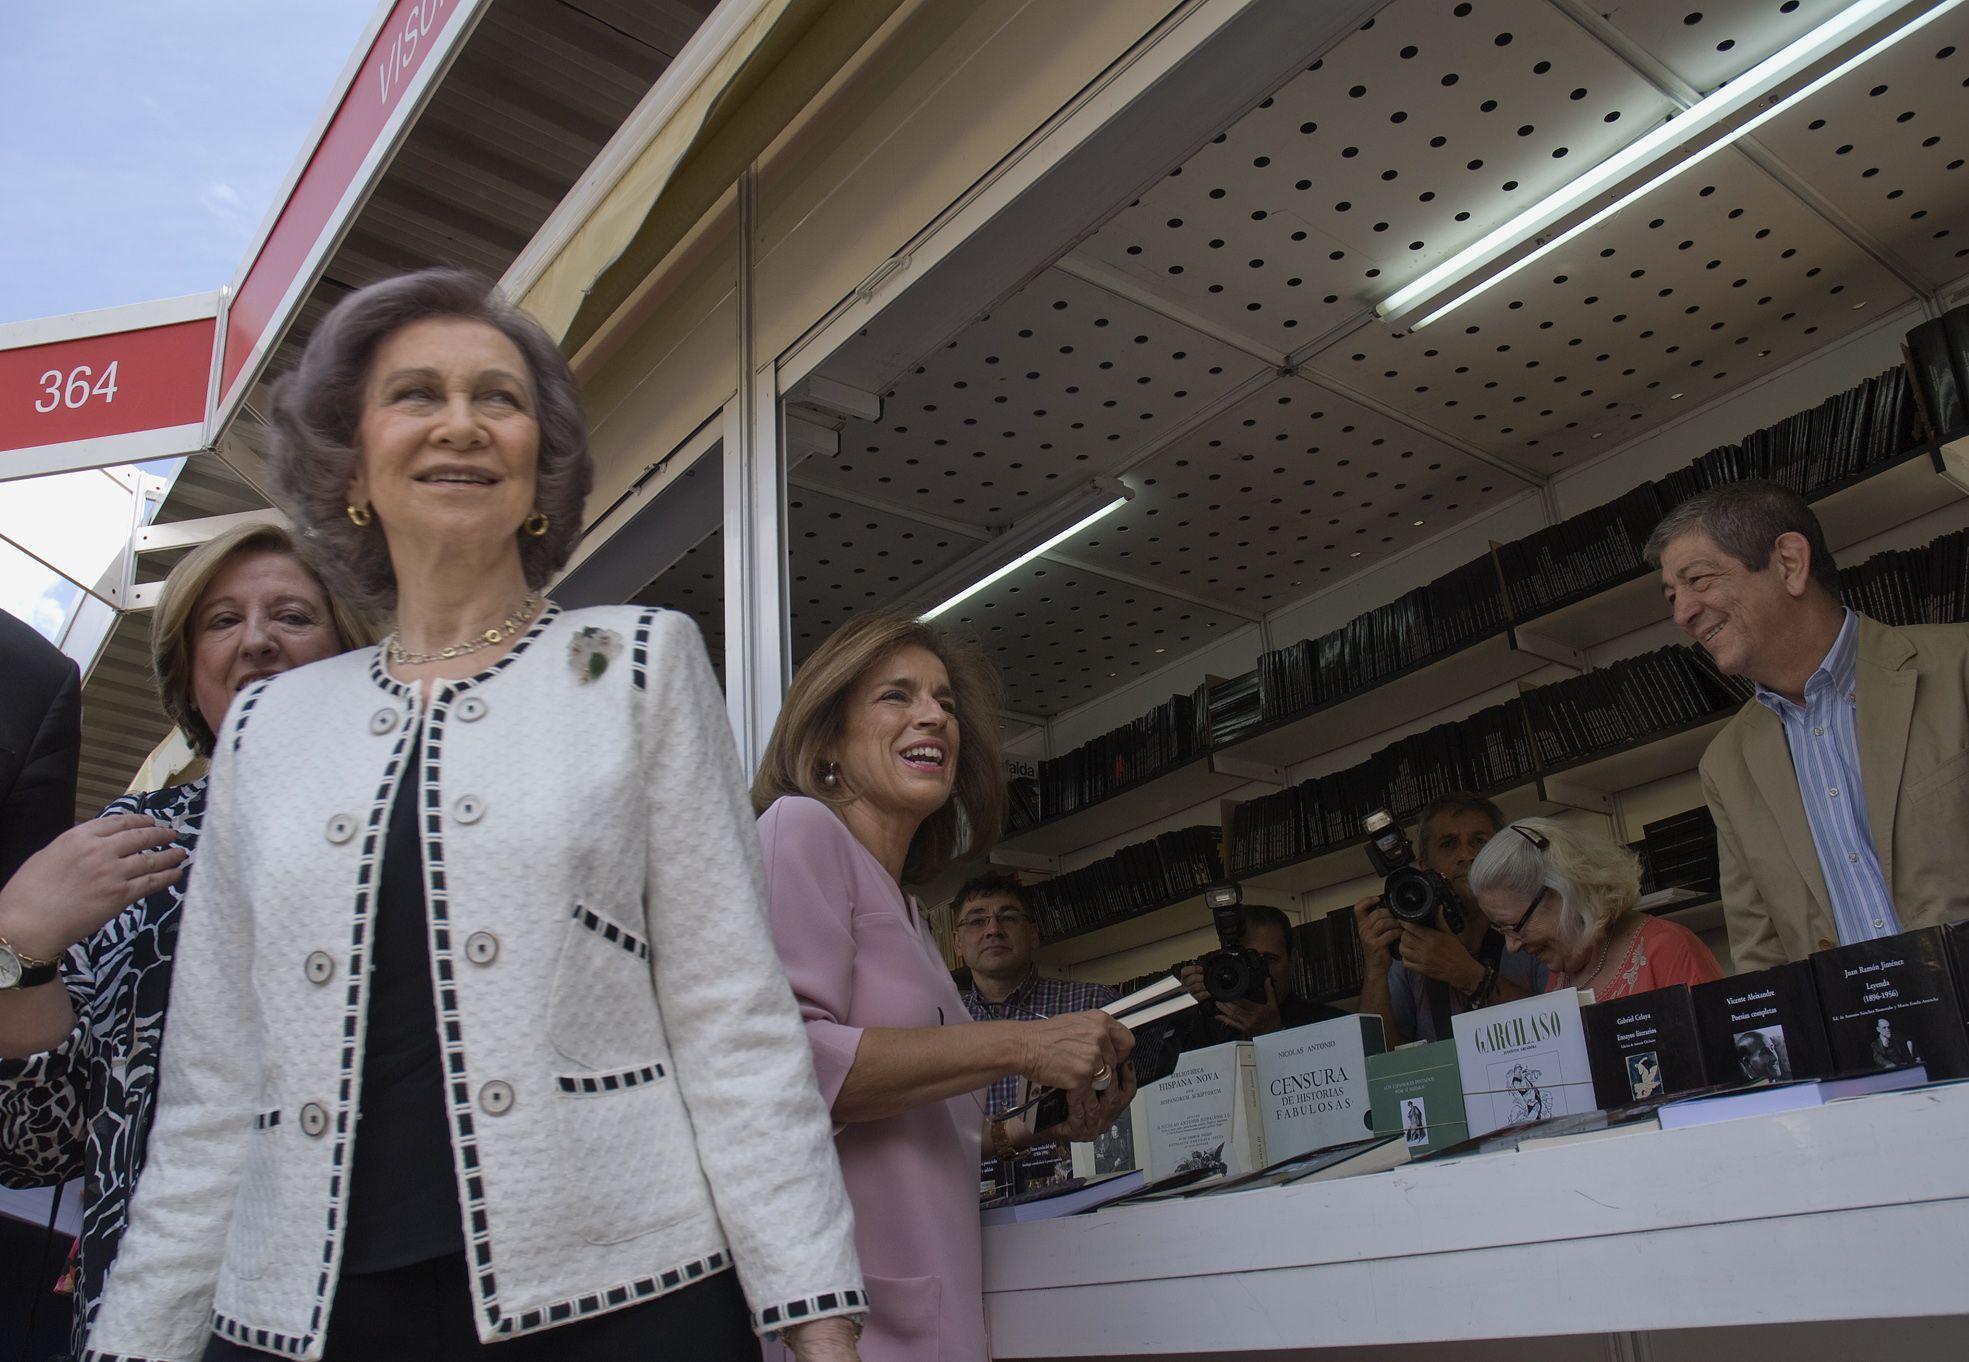 29/05/15. Doña Sofía en la caseta de la Librería Visor de Chus García. Foto © Jorge Aparicio/ FLM15